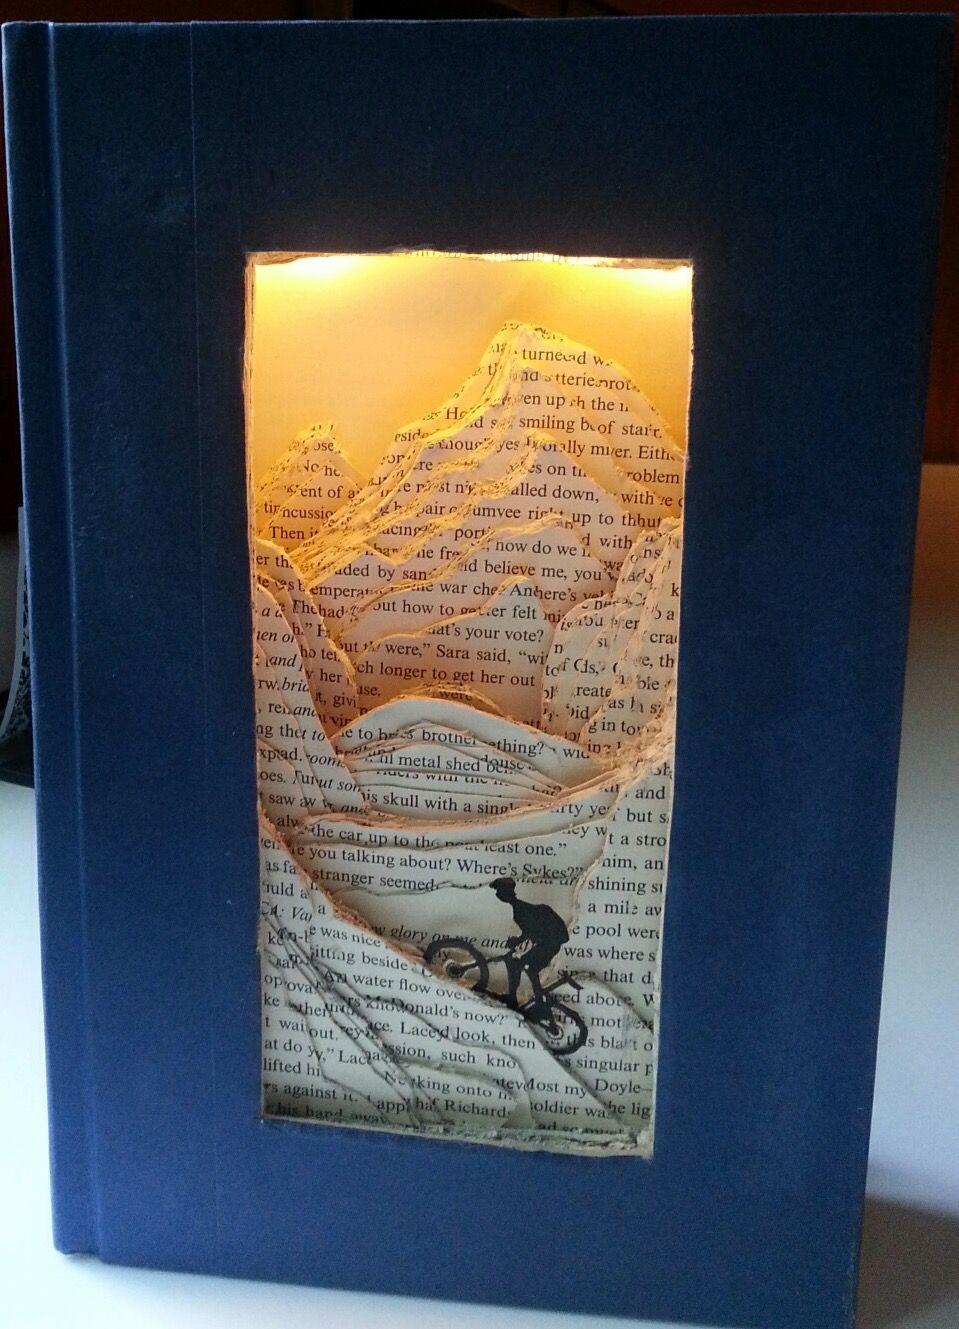 #DIY #Deko und #Beleuchtung in einem. #bookspapersandthings